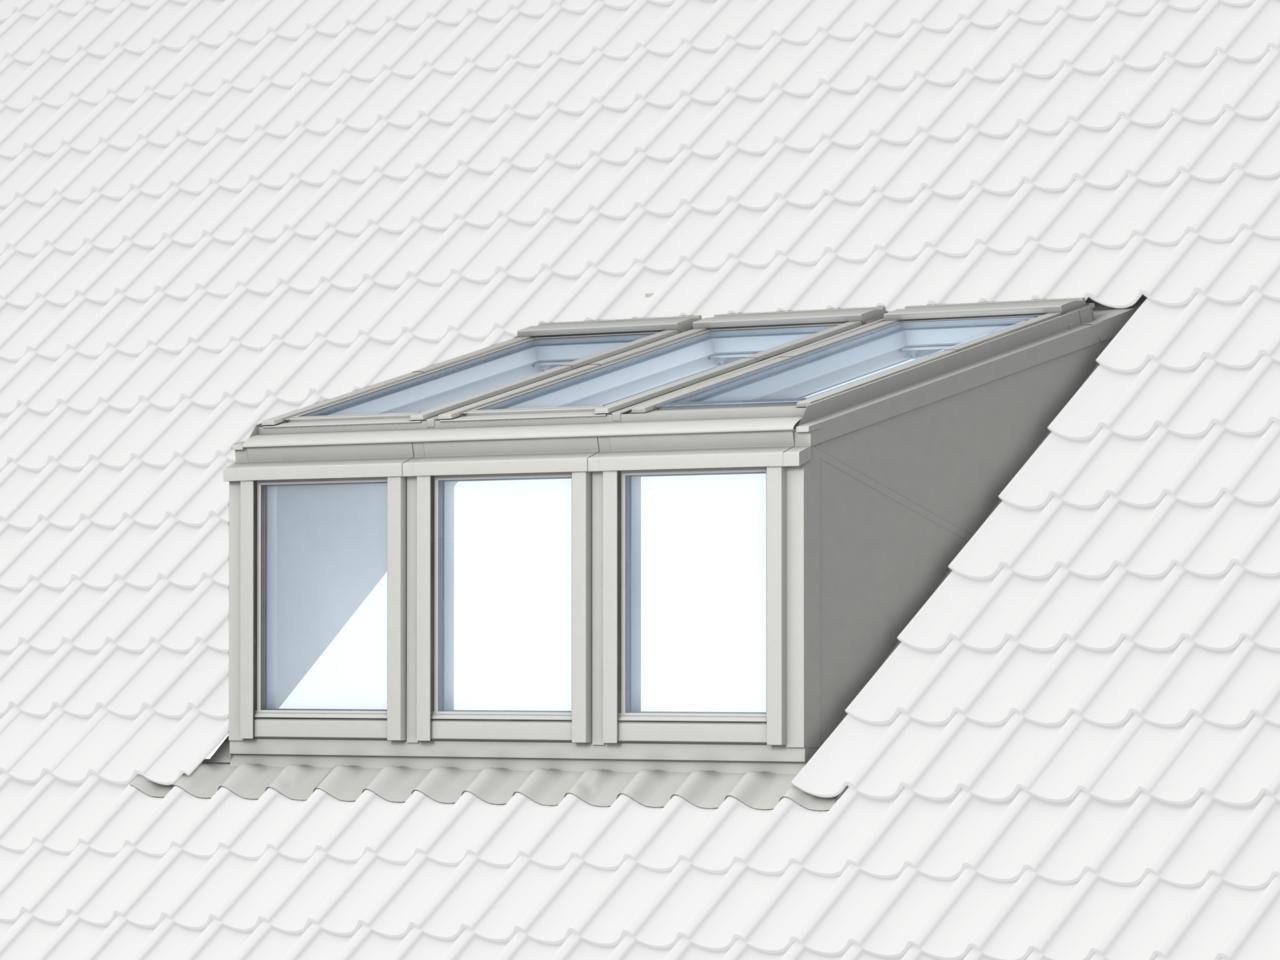 Posizionamento e misure delle finestre per tetti for Prezzi finestre per tetti